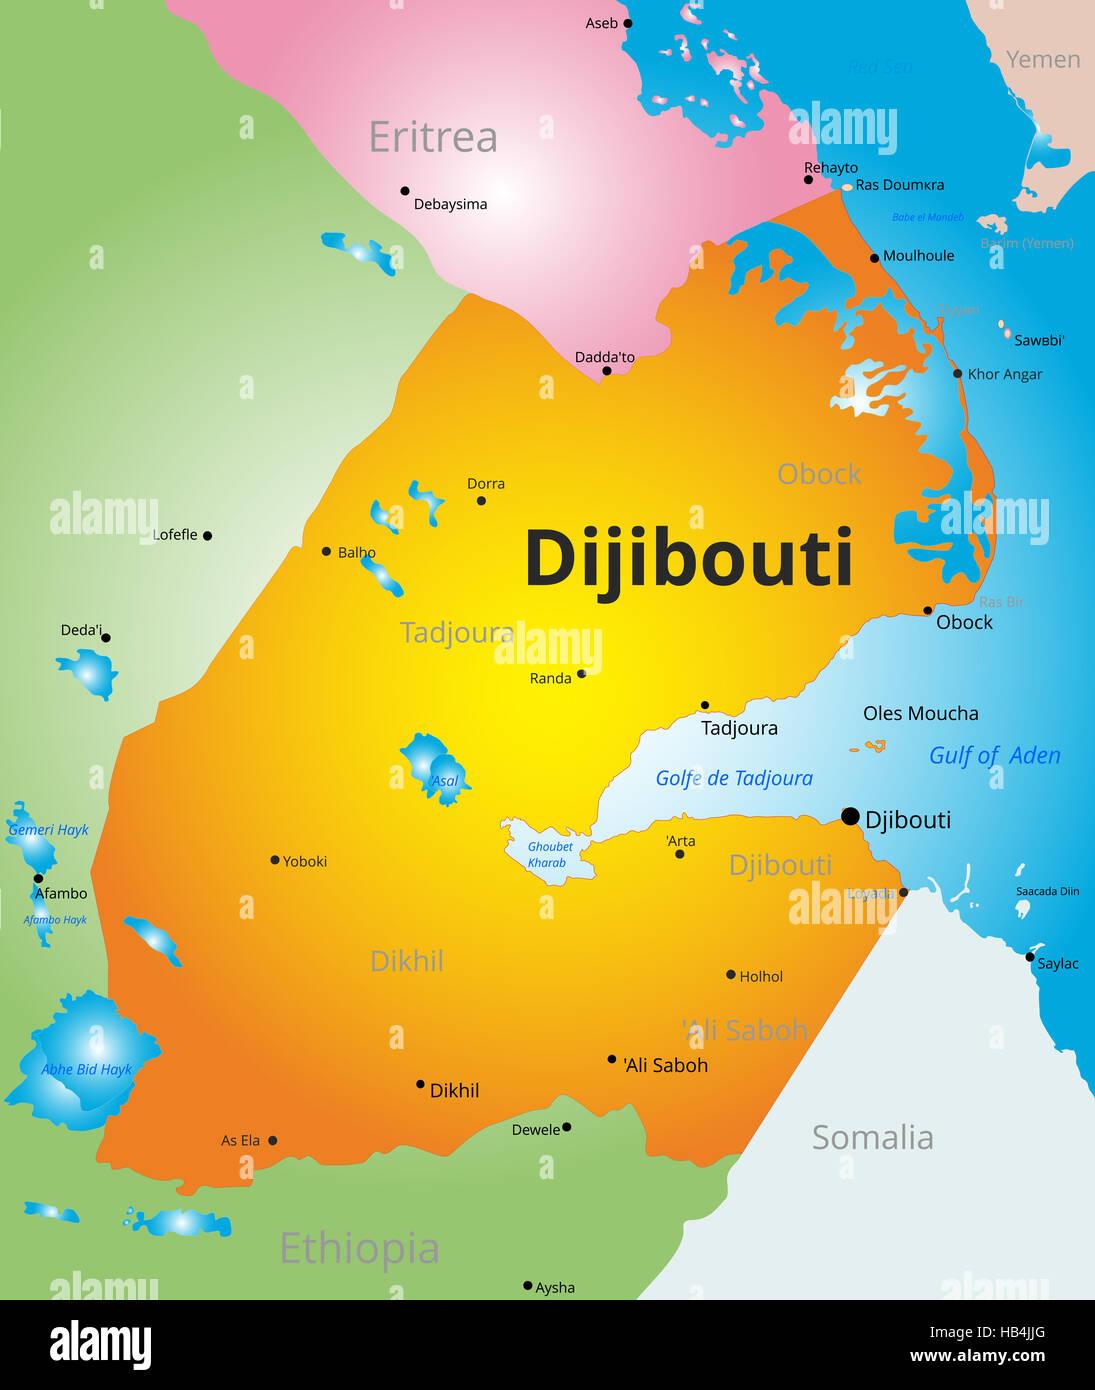 Djibouti–Yemen relations - Wikipedia  Yemen And Djibouti